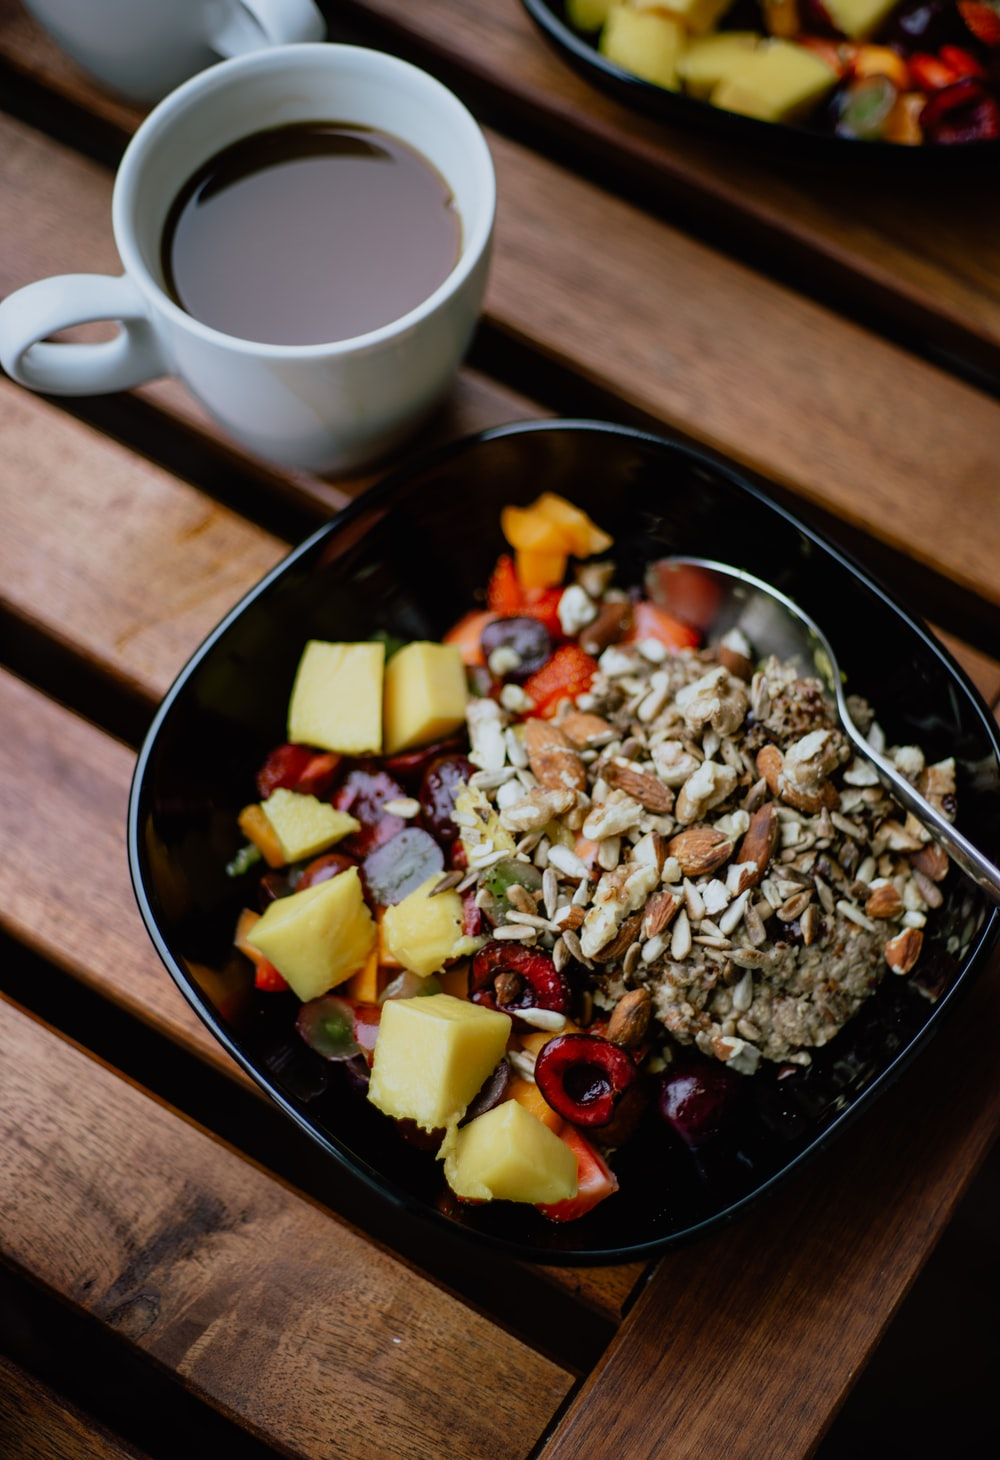 3. Eat Fiber-Rich Food